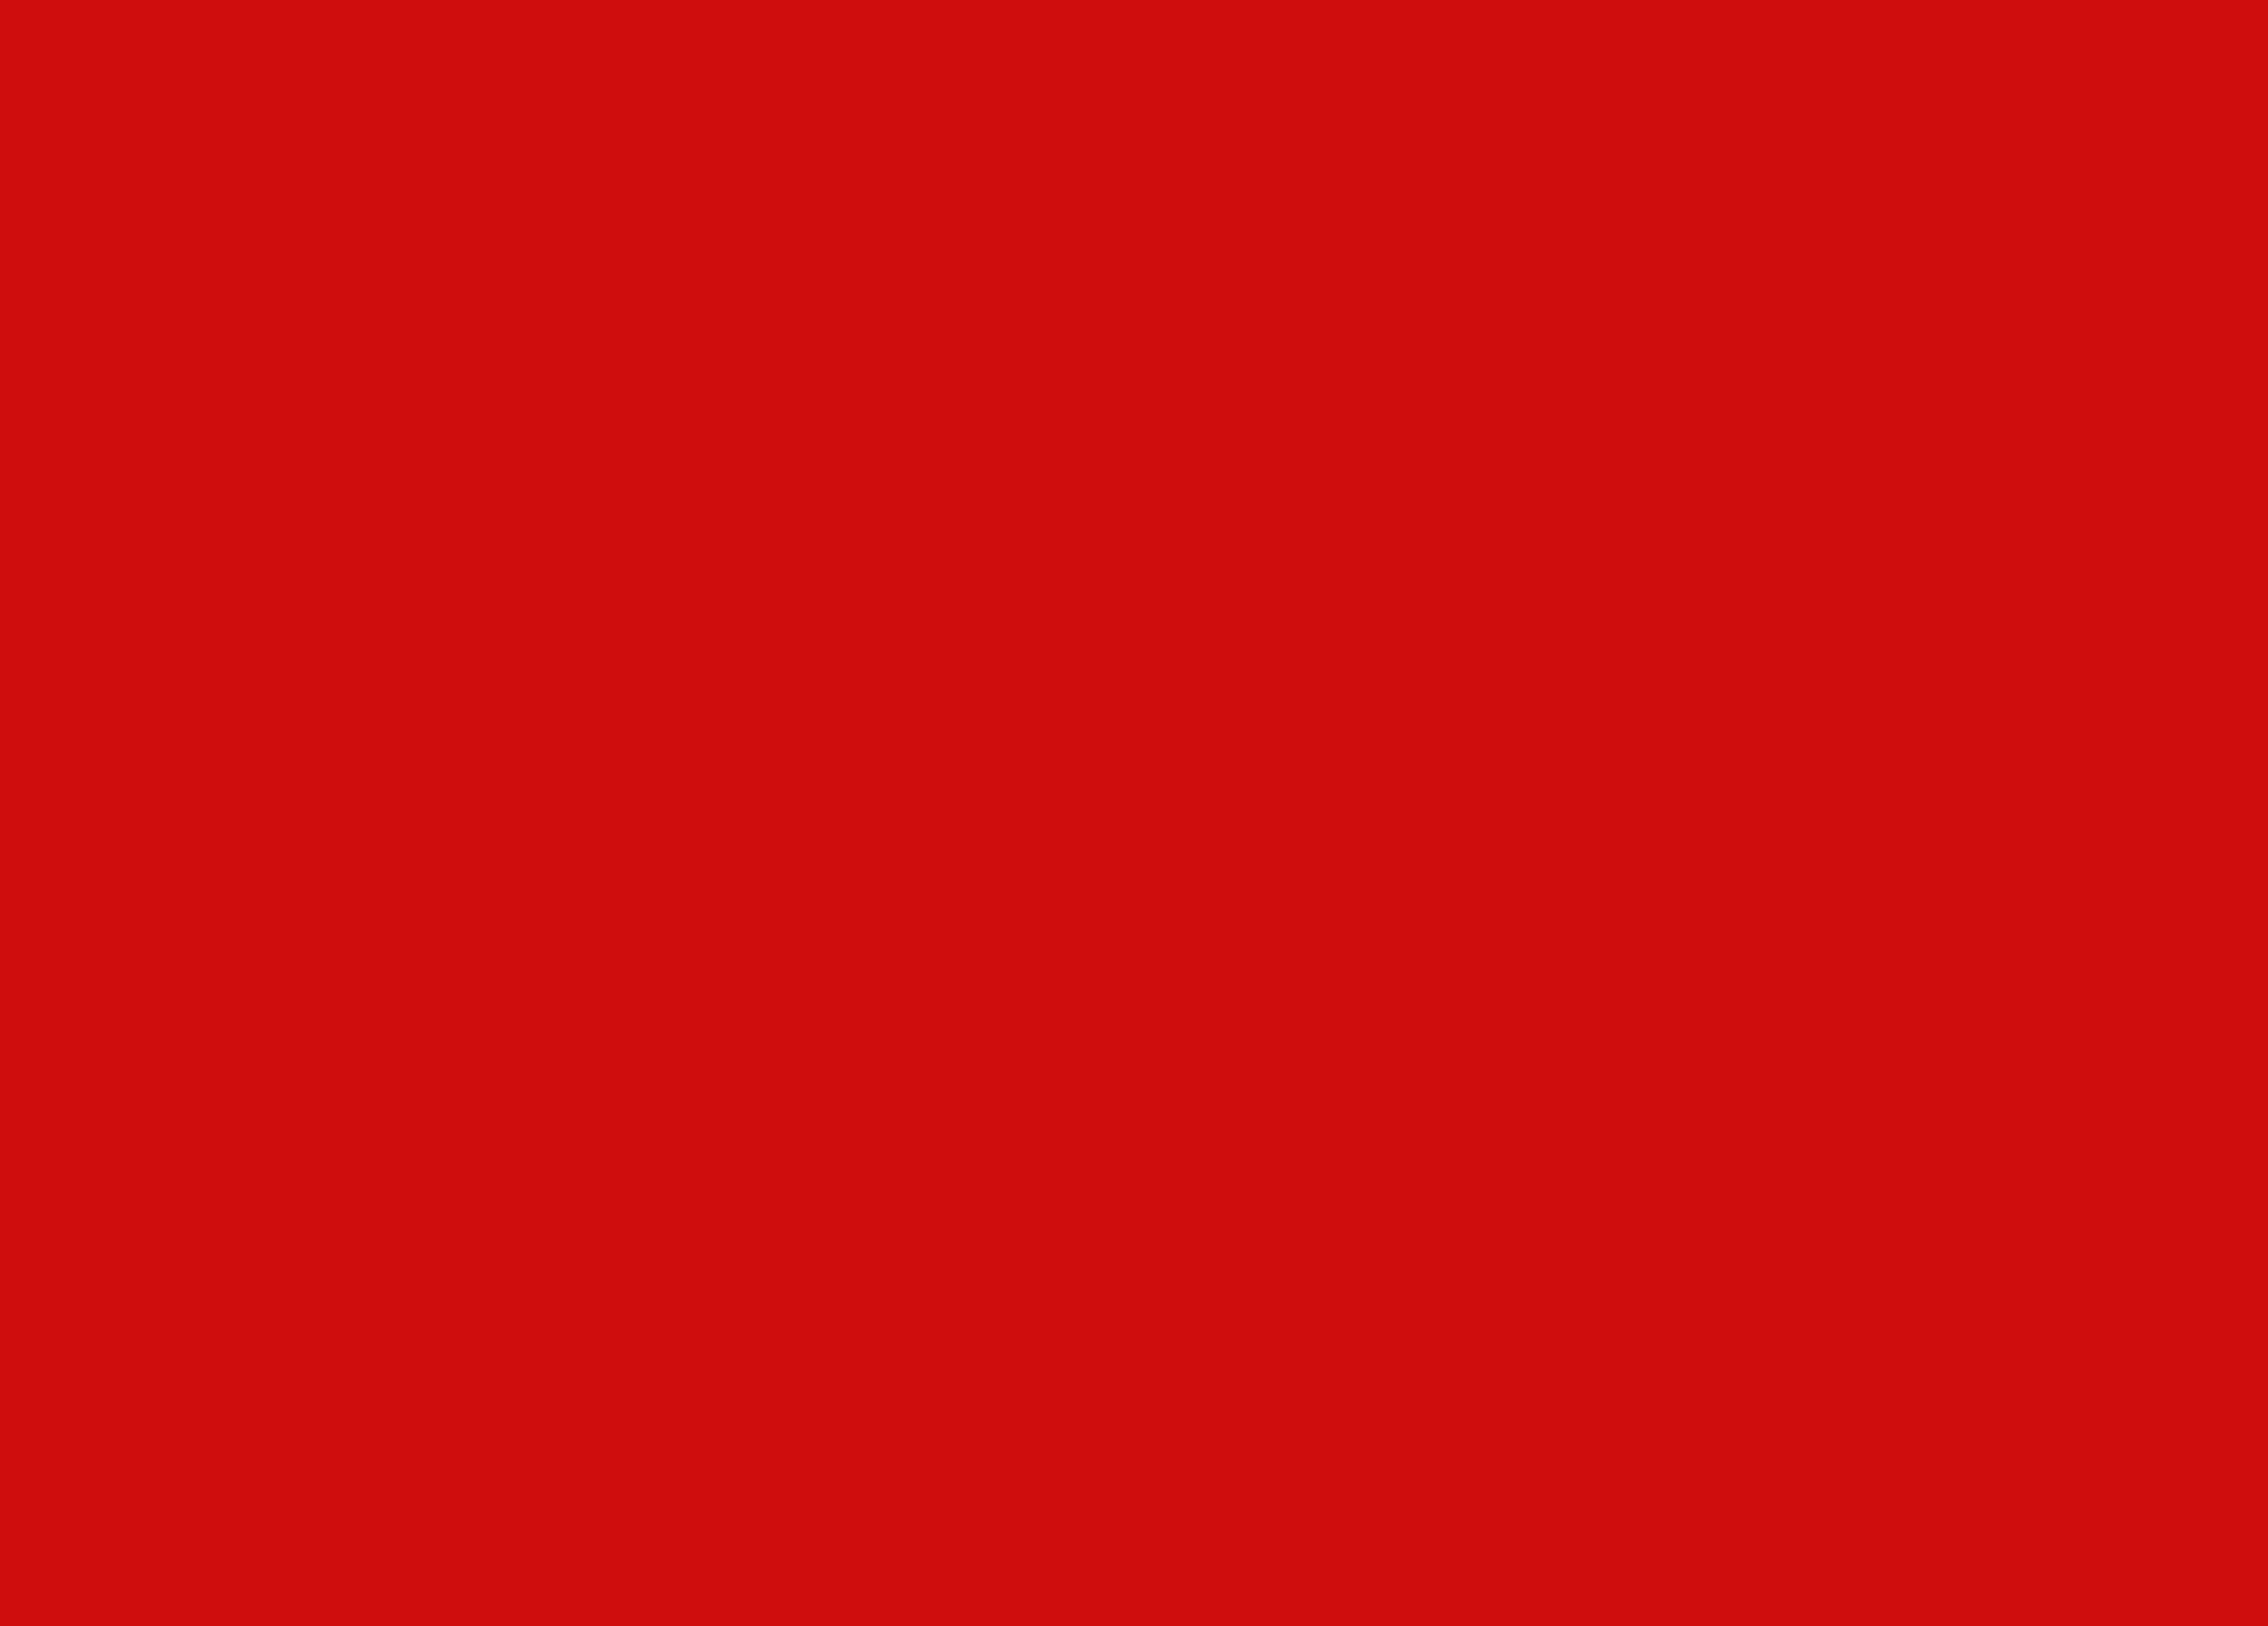 Vermelho - 11065